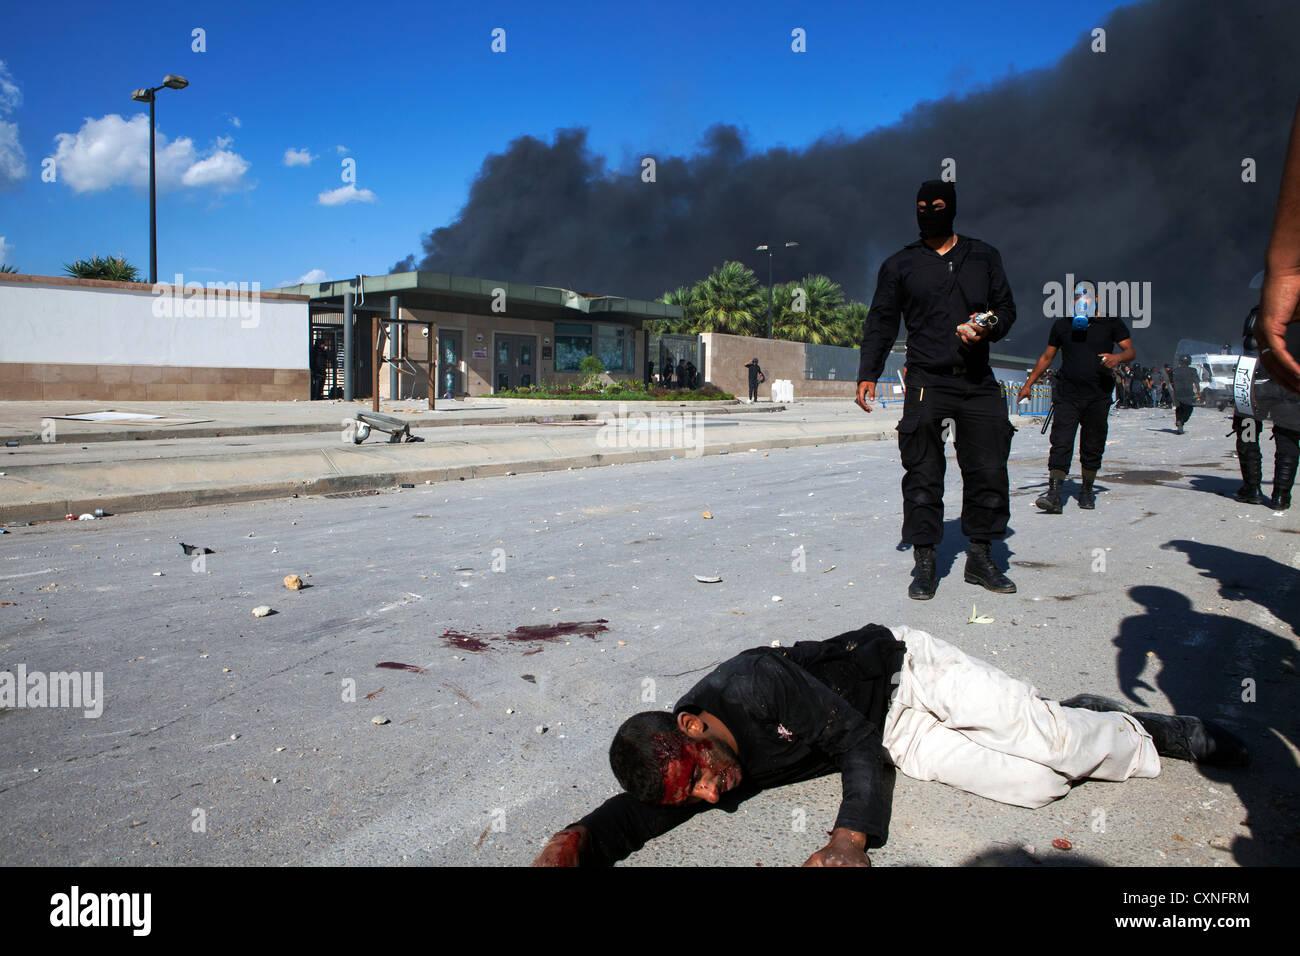 Ein Demonstrant liegt bewusstlos auf dem Boden vor der US-Botschaft in Tunis nach Überfahren einer gepanzerten Stockbild